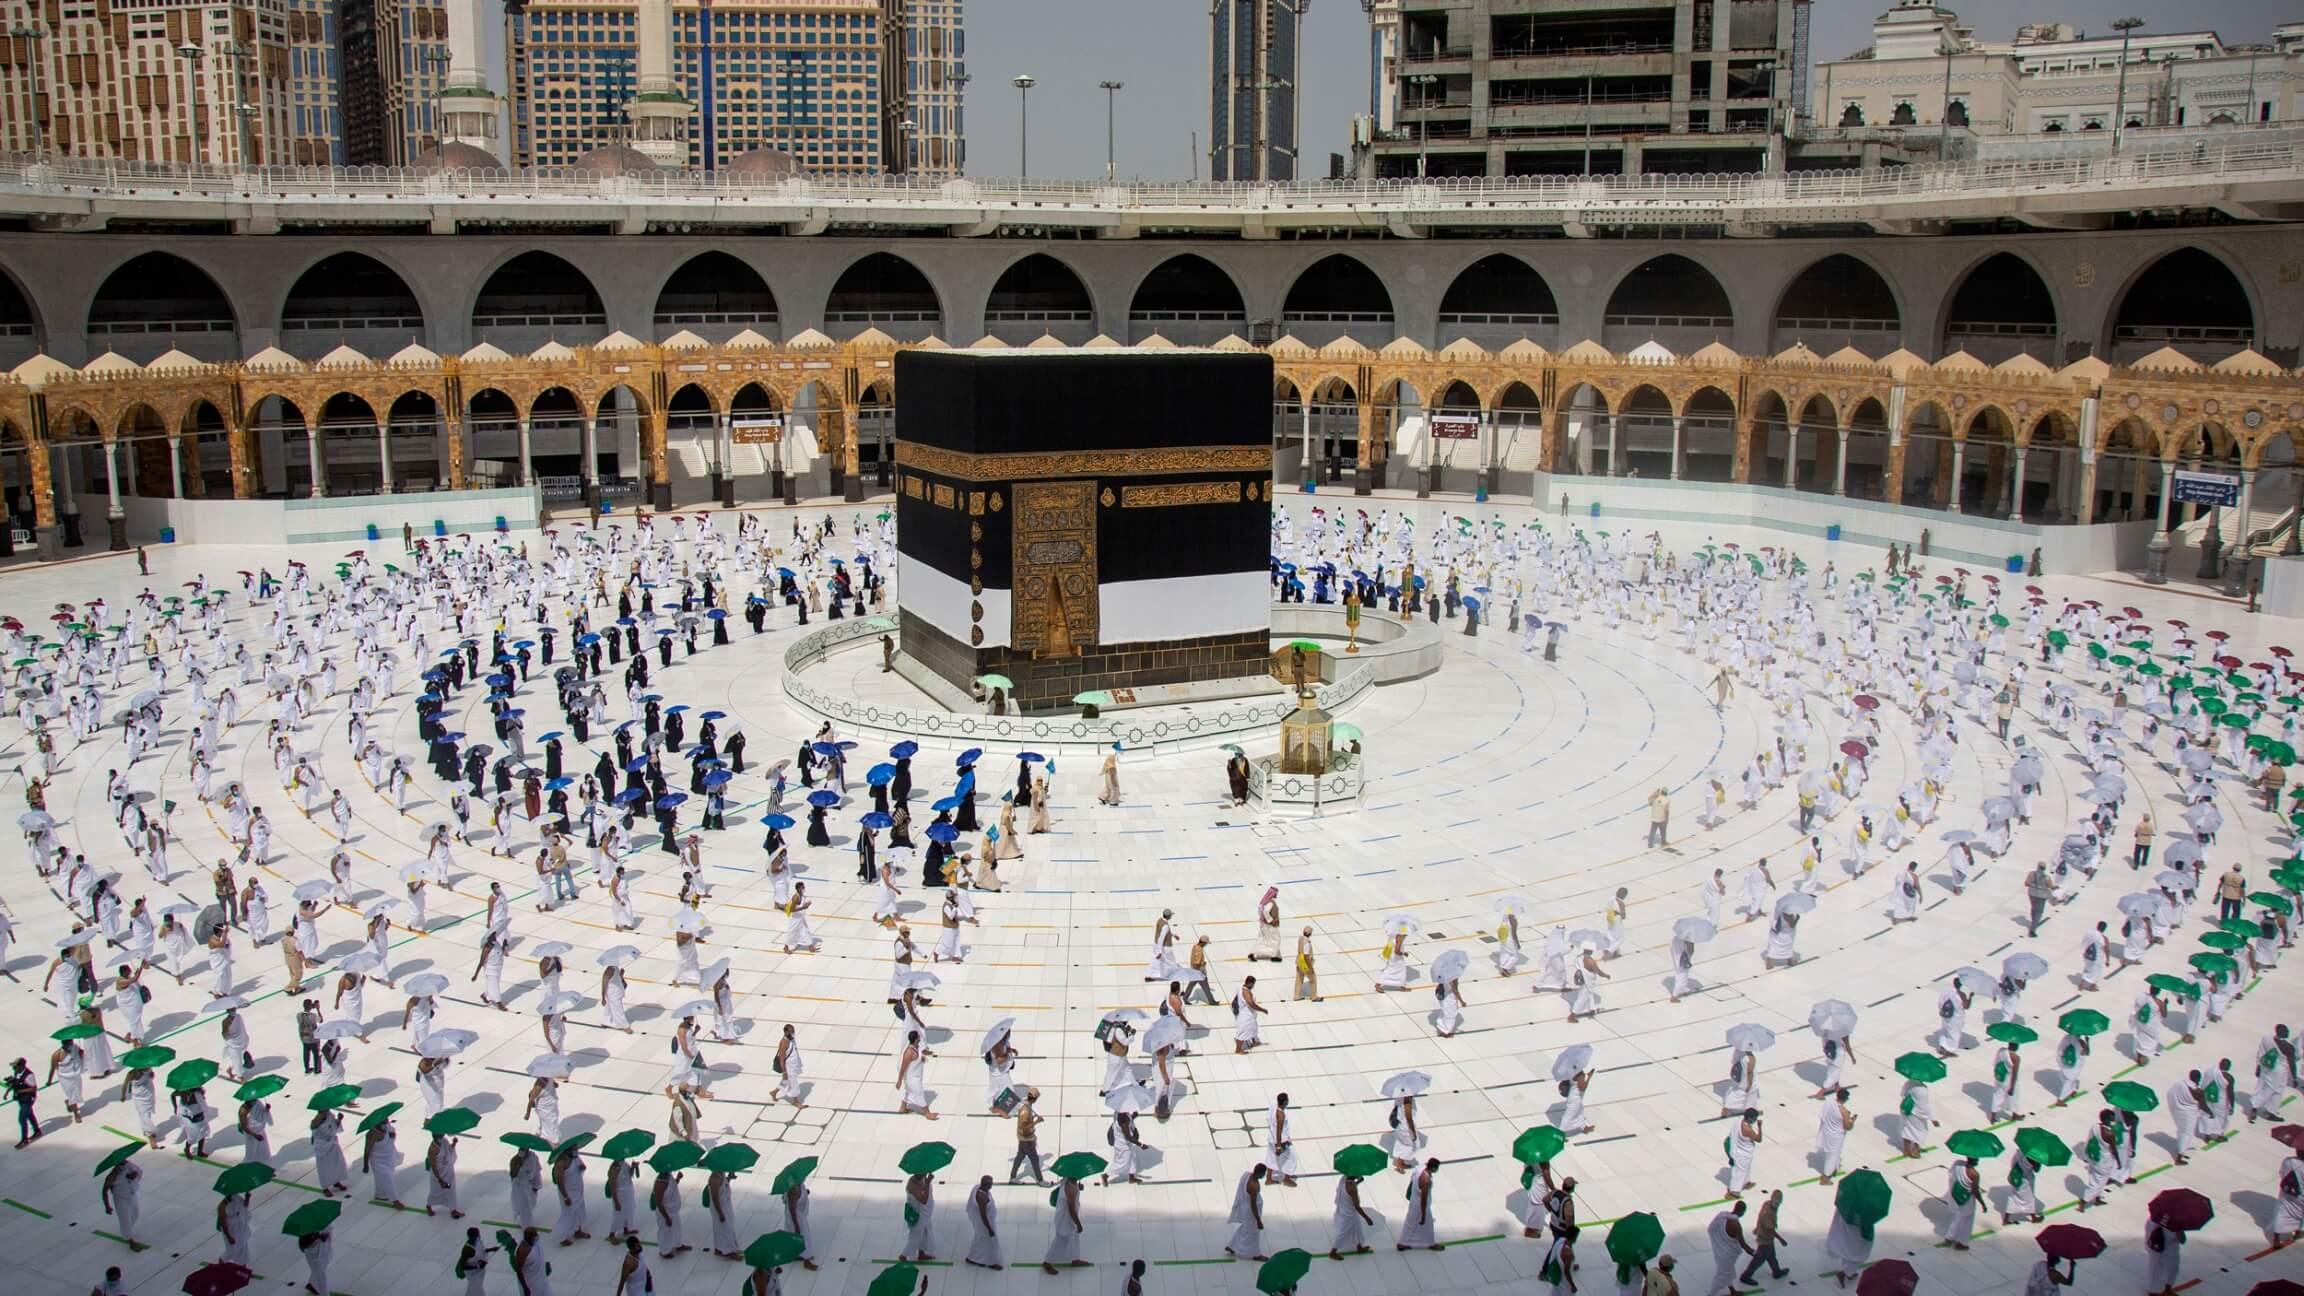 2 ارب مسلمانوں میں سے 60 ہزار خوش نصیب مسلمان اس سال فریضہ حج ادا کررہے ہیں